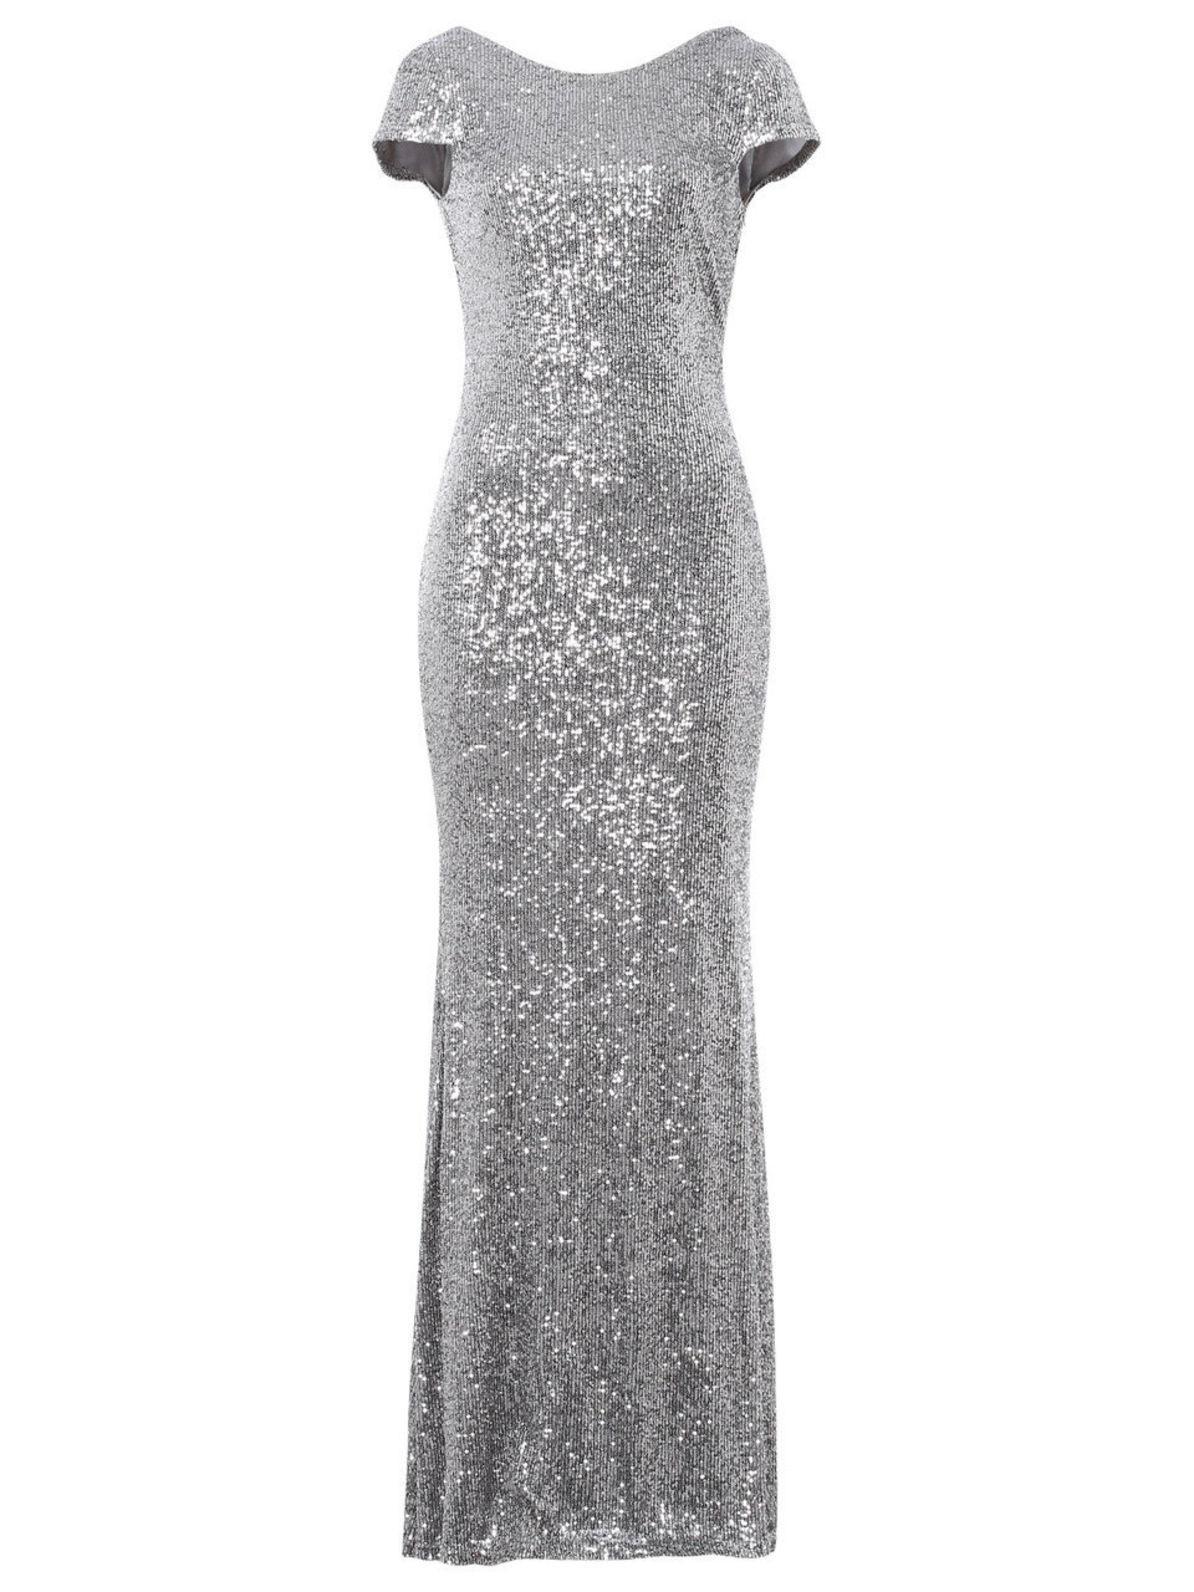 20 Großartig Abendkleid Pailetten Vertrieb Einzigartig Abendkleid Pailetten Stylish